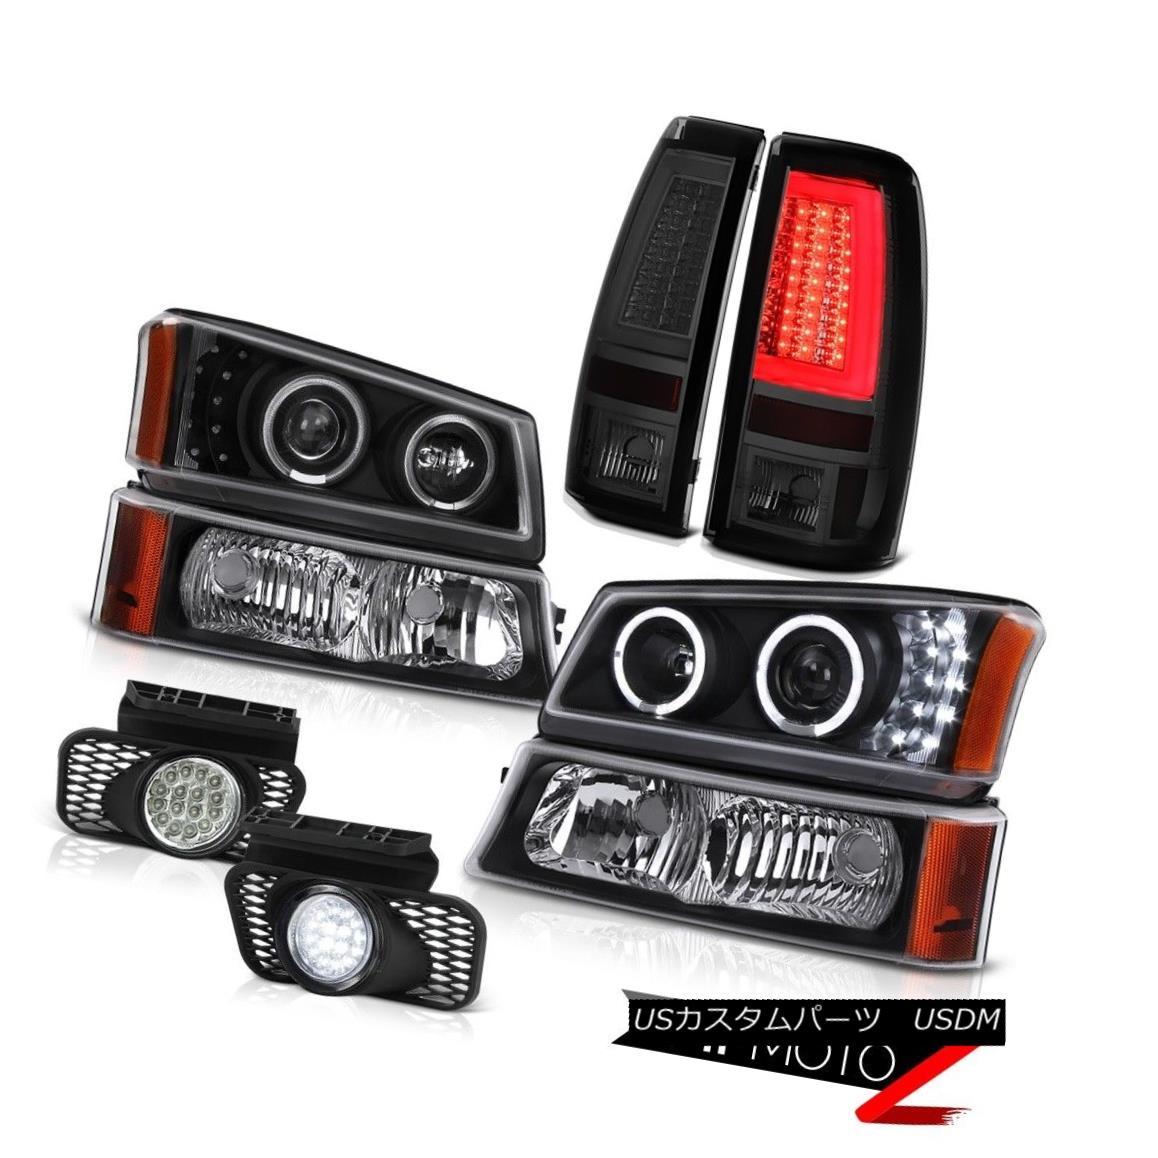 テールライト 03-06 Silverado Tail Lights Parking Light Headlights Chrome Fog LED Halo Ring 03-06 SilveradoテールライトパーキングライトヘッドライトChrome Fog LED Halo Ring